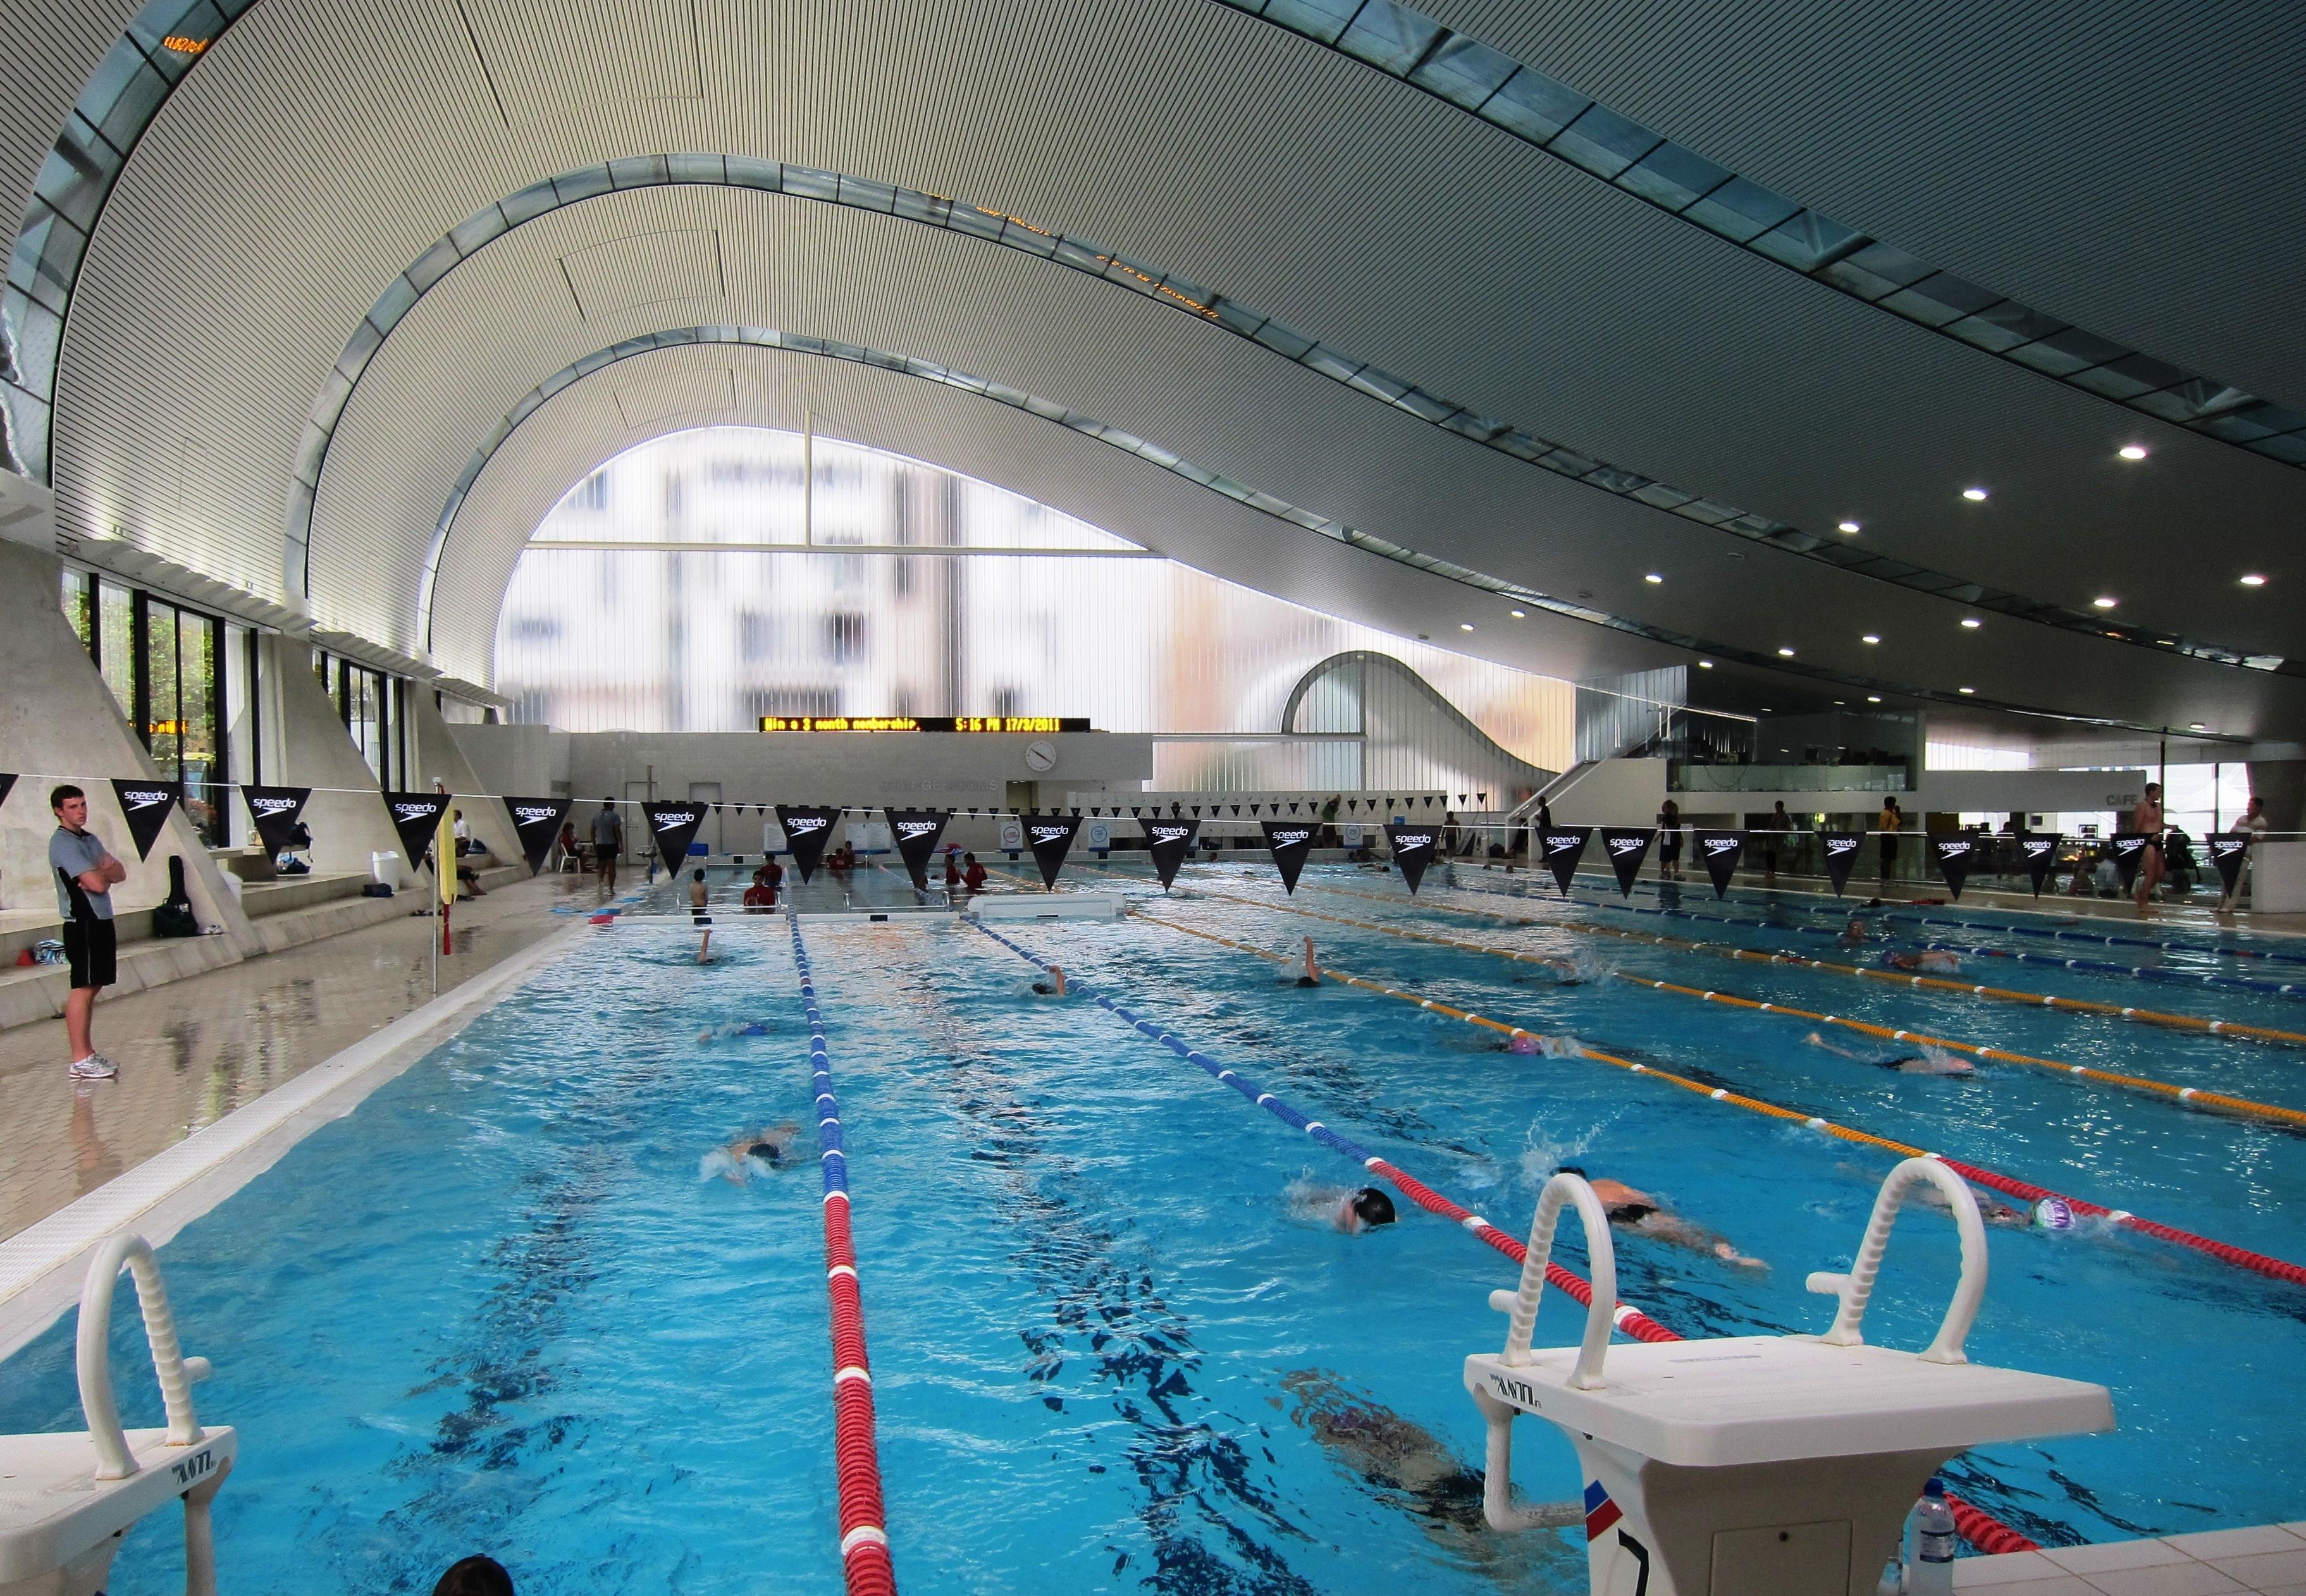 Sydney carnet de bord des bouts du monde - Horaire piscine olympique ...